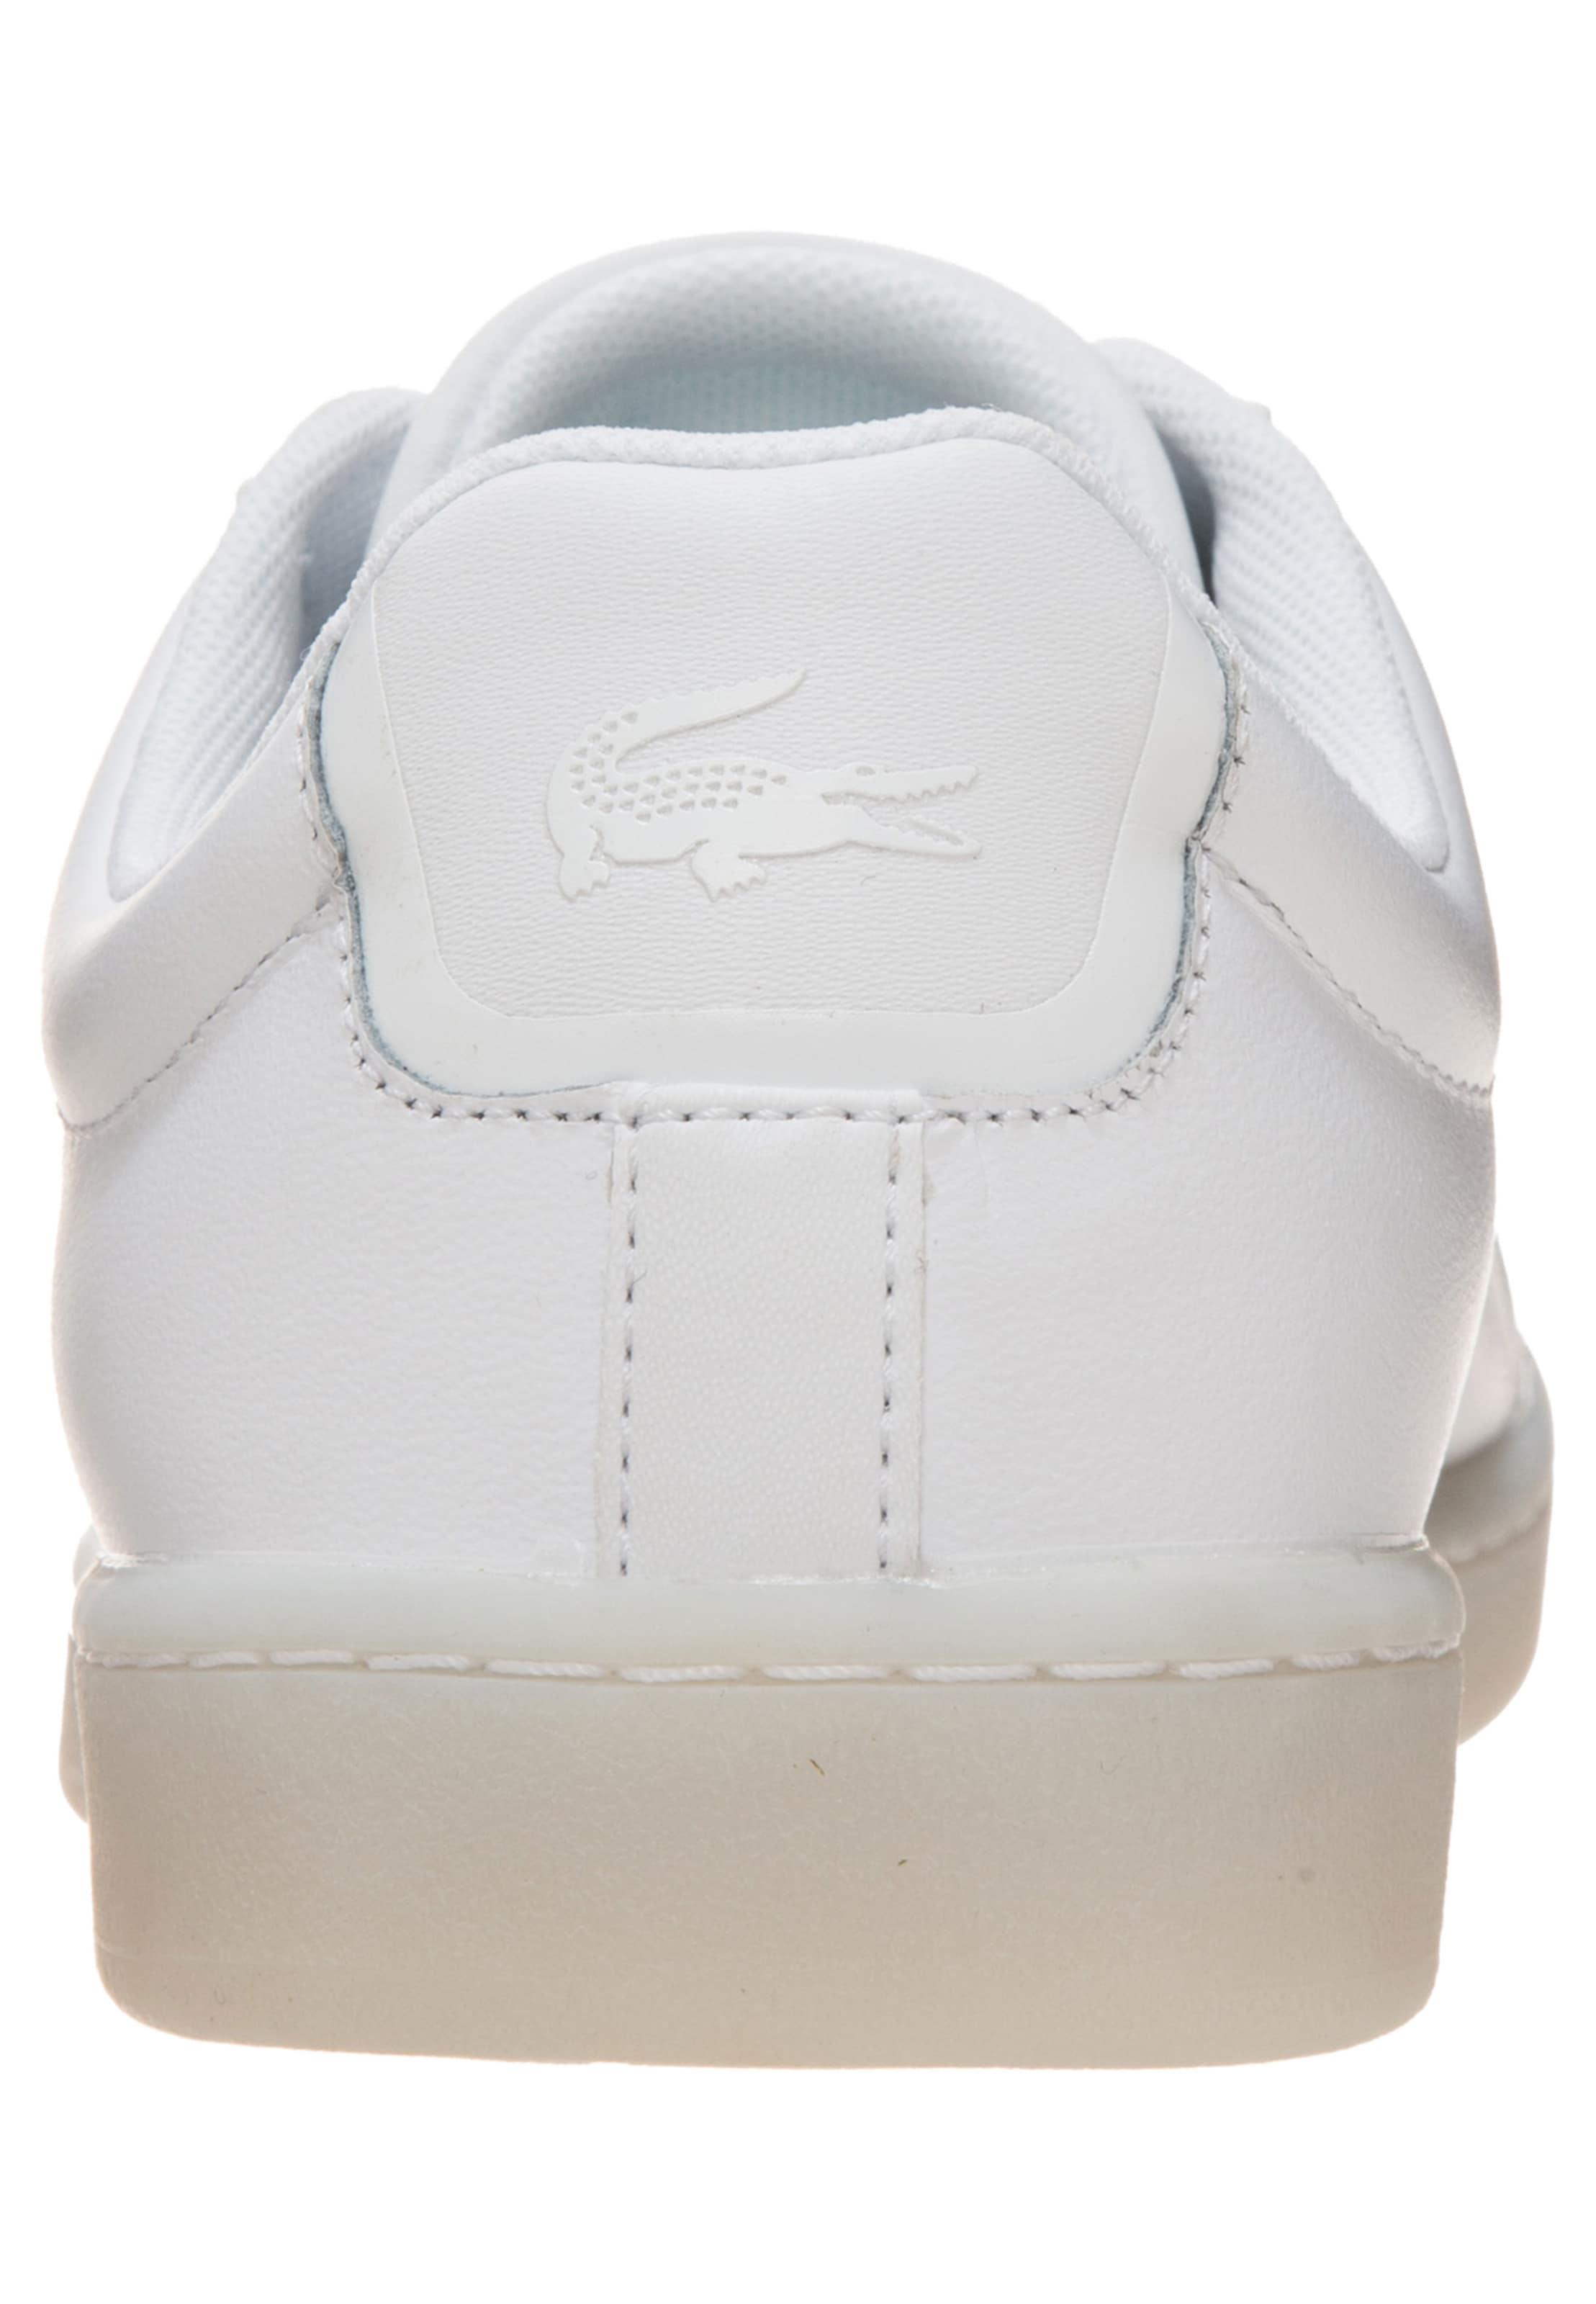 Carnaby LACOSTE Evo Damen Sneaker Carnaby LACOSTE Evo Sneaker Damen XPxw4XrSq